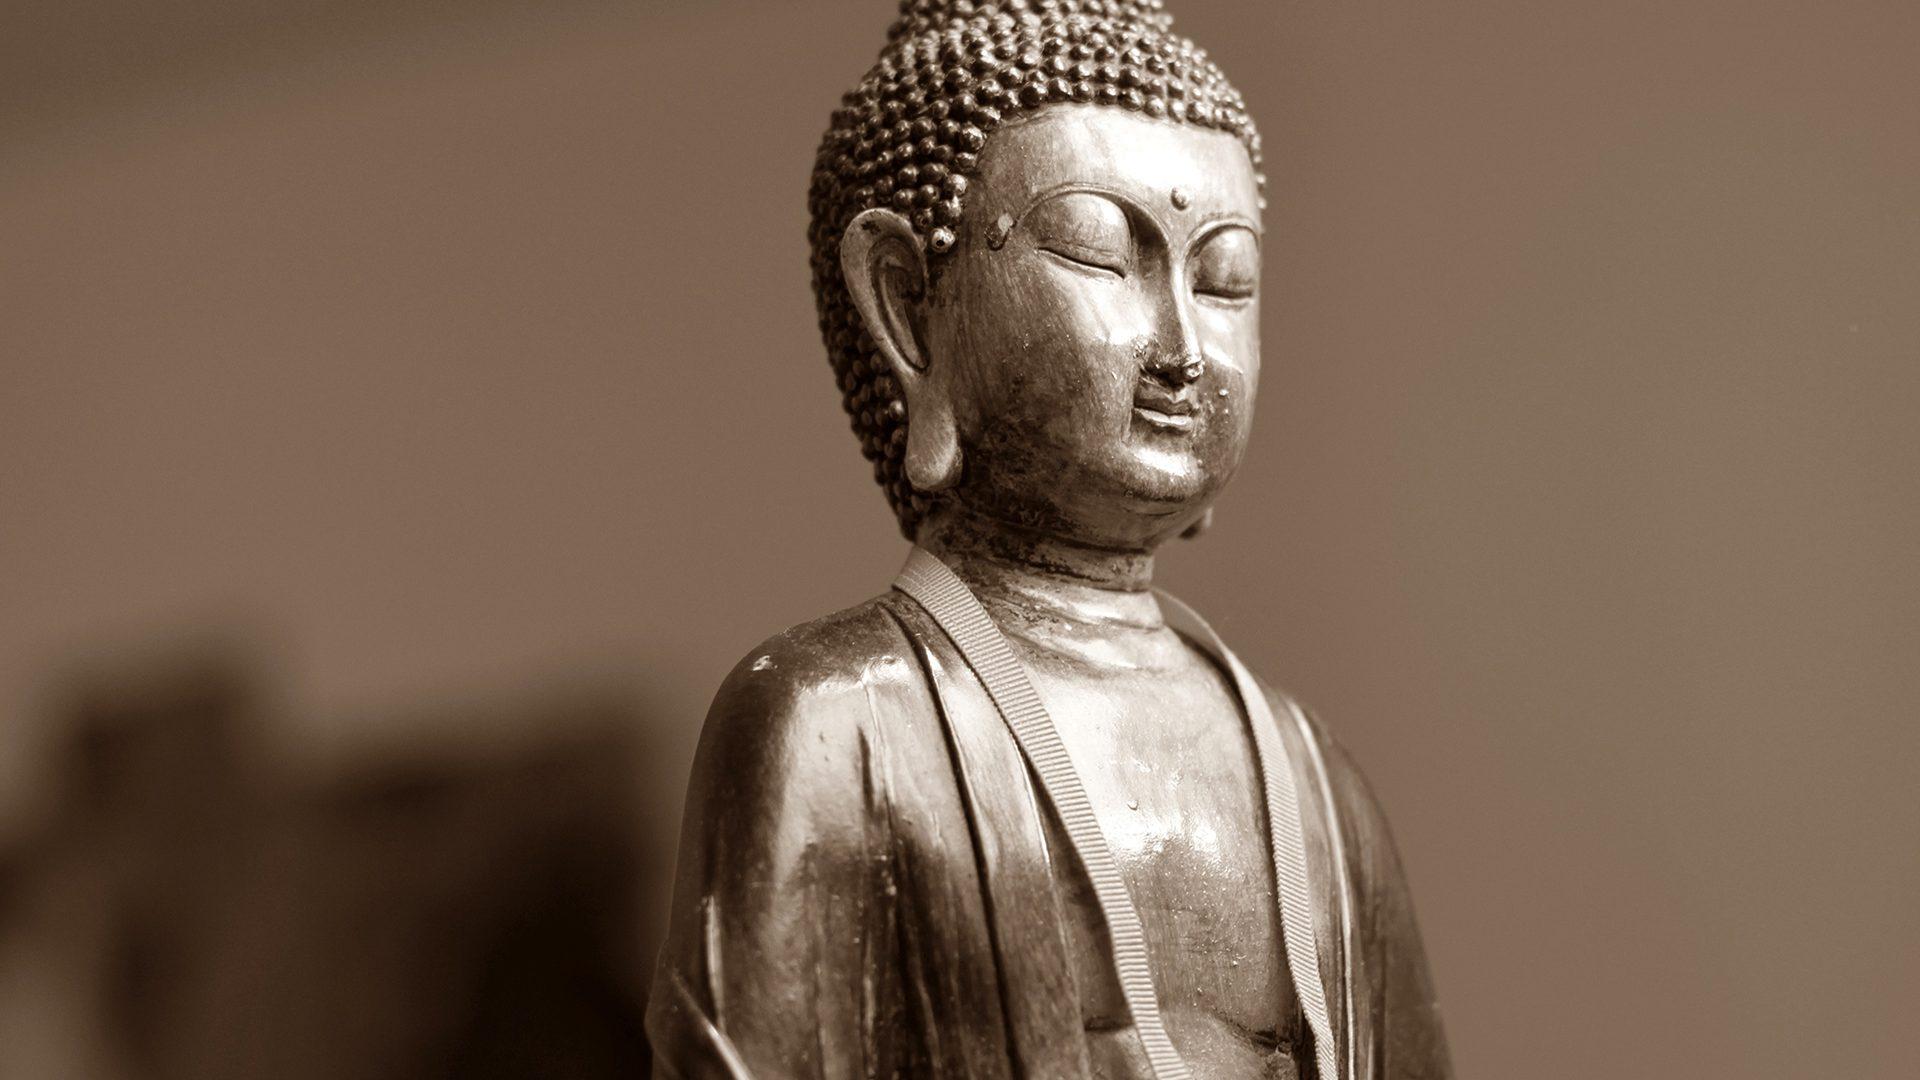 Wil u zelf de beste worden in massages? Masumi biedt opleiding massage voor beginners en gevorderden. Opleiding traditionele Thaise massage in maart. In groep of prive. Ook voor duomassage. Bel voor meer info.